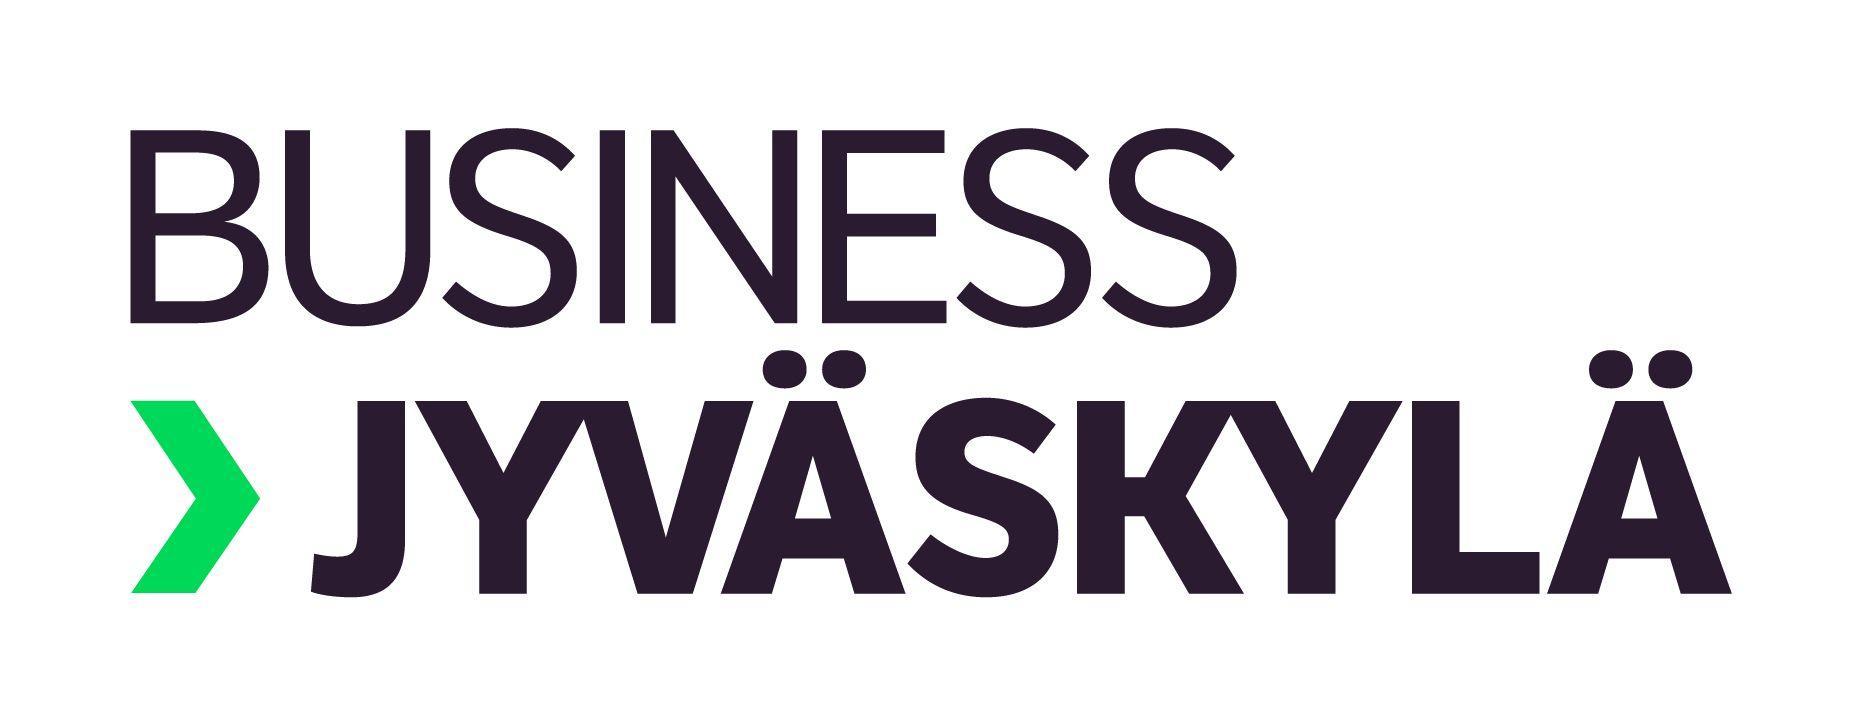 Business Jyväskylä